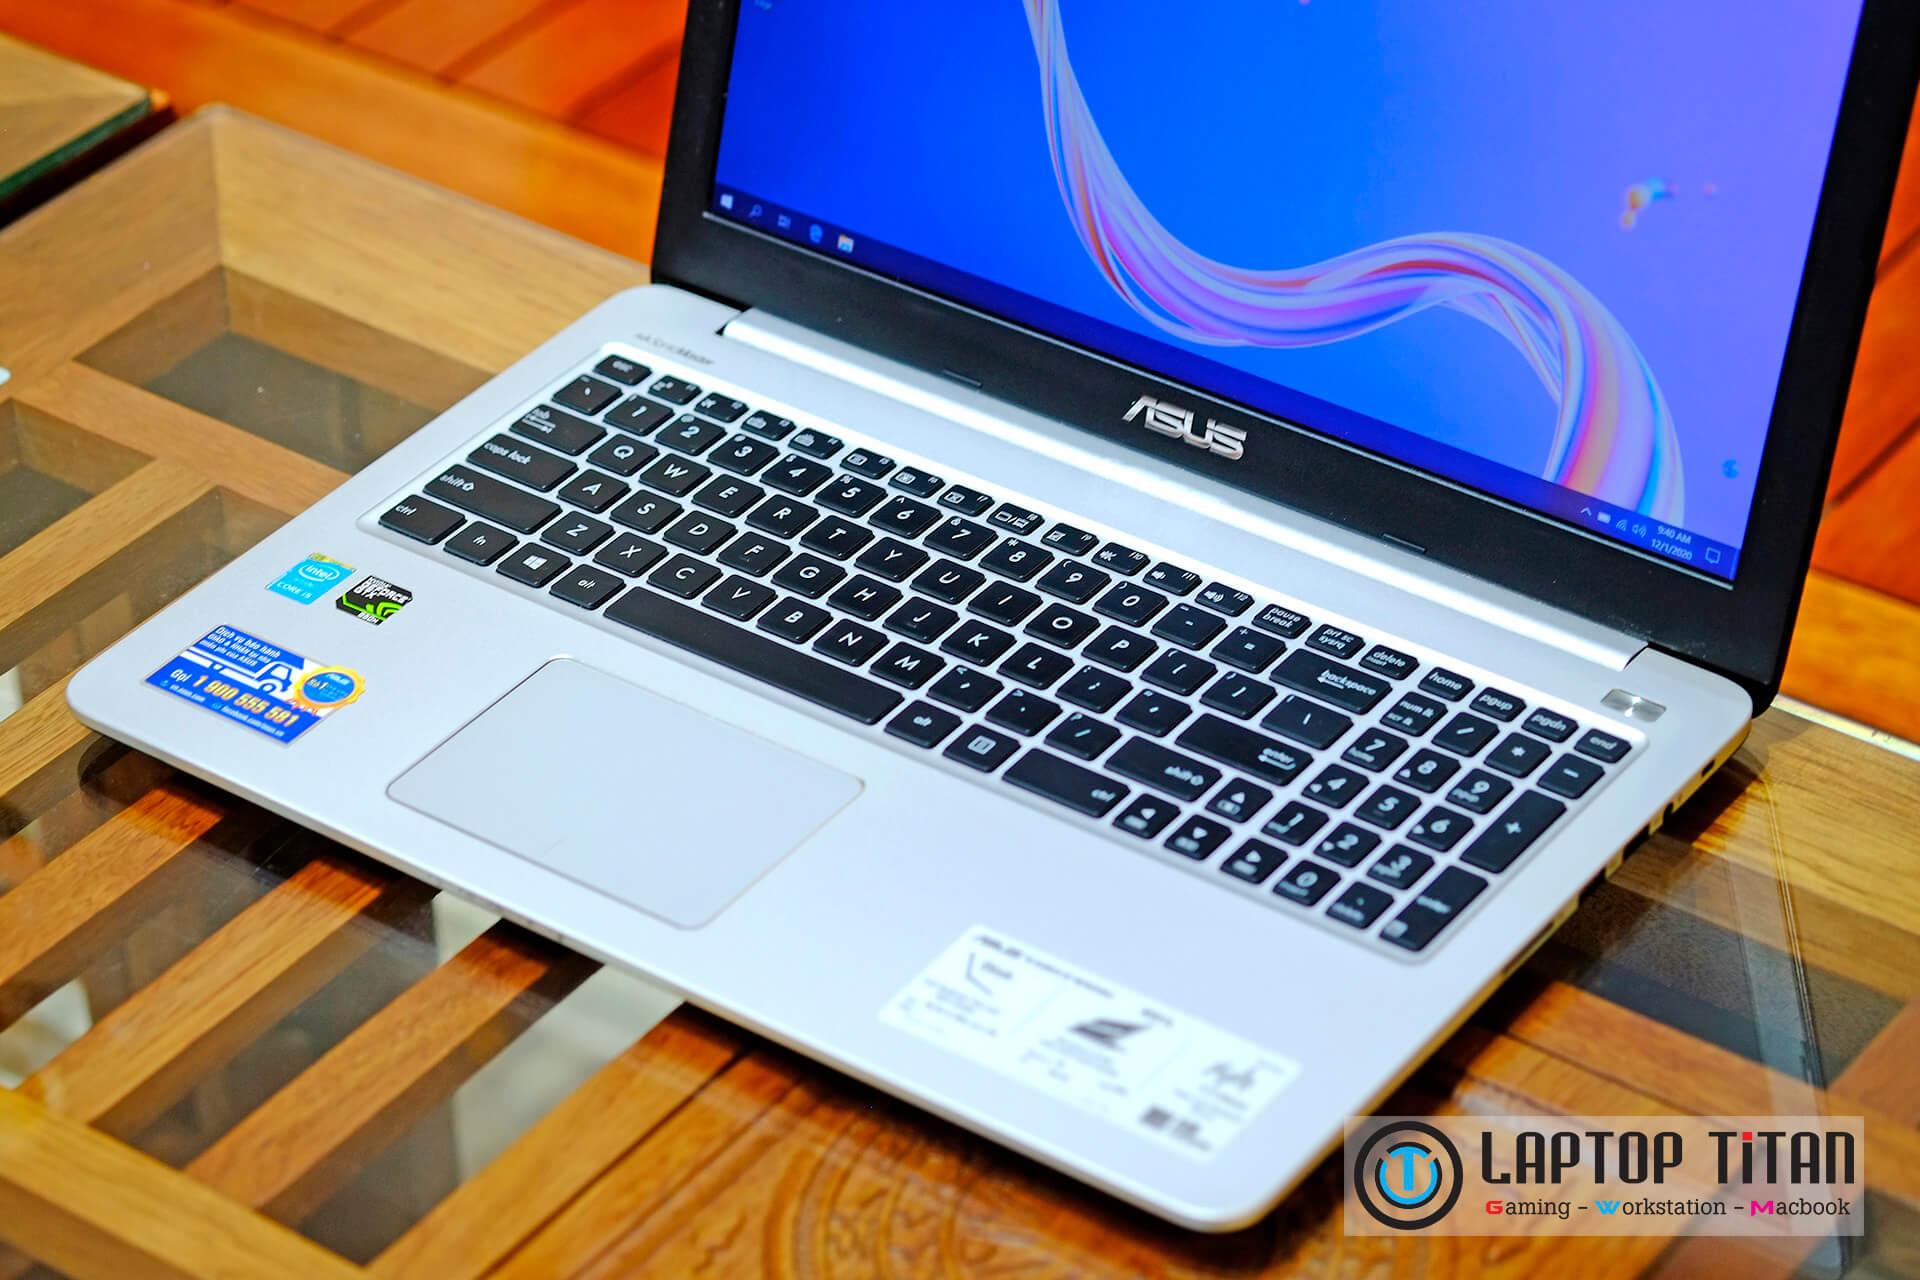 """Asus K501lx Core i5 5200u / 8GB / 128GB + 500GB / GTX 950M / 15.6"""" FHD"""